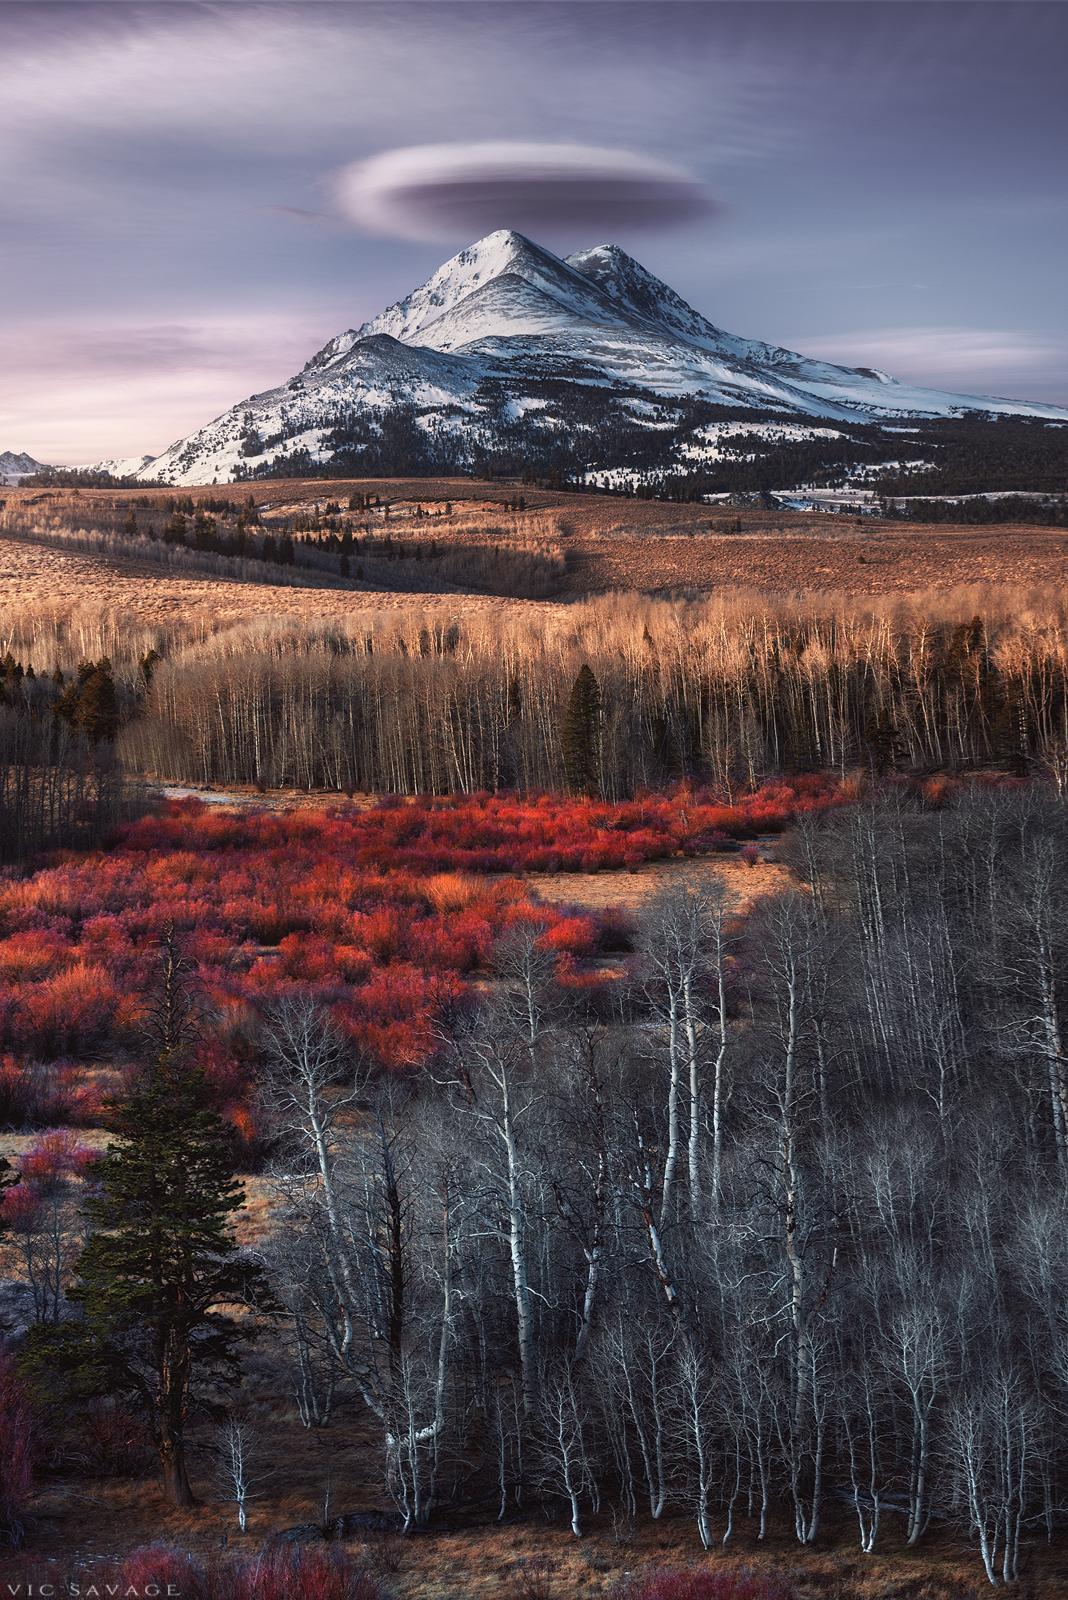 Eastern_Sierra_Peak_Lenticular.jpg